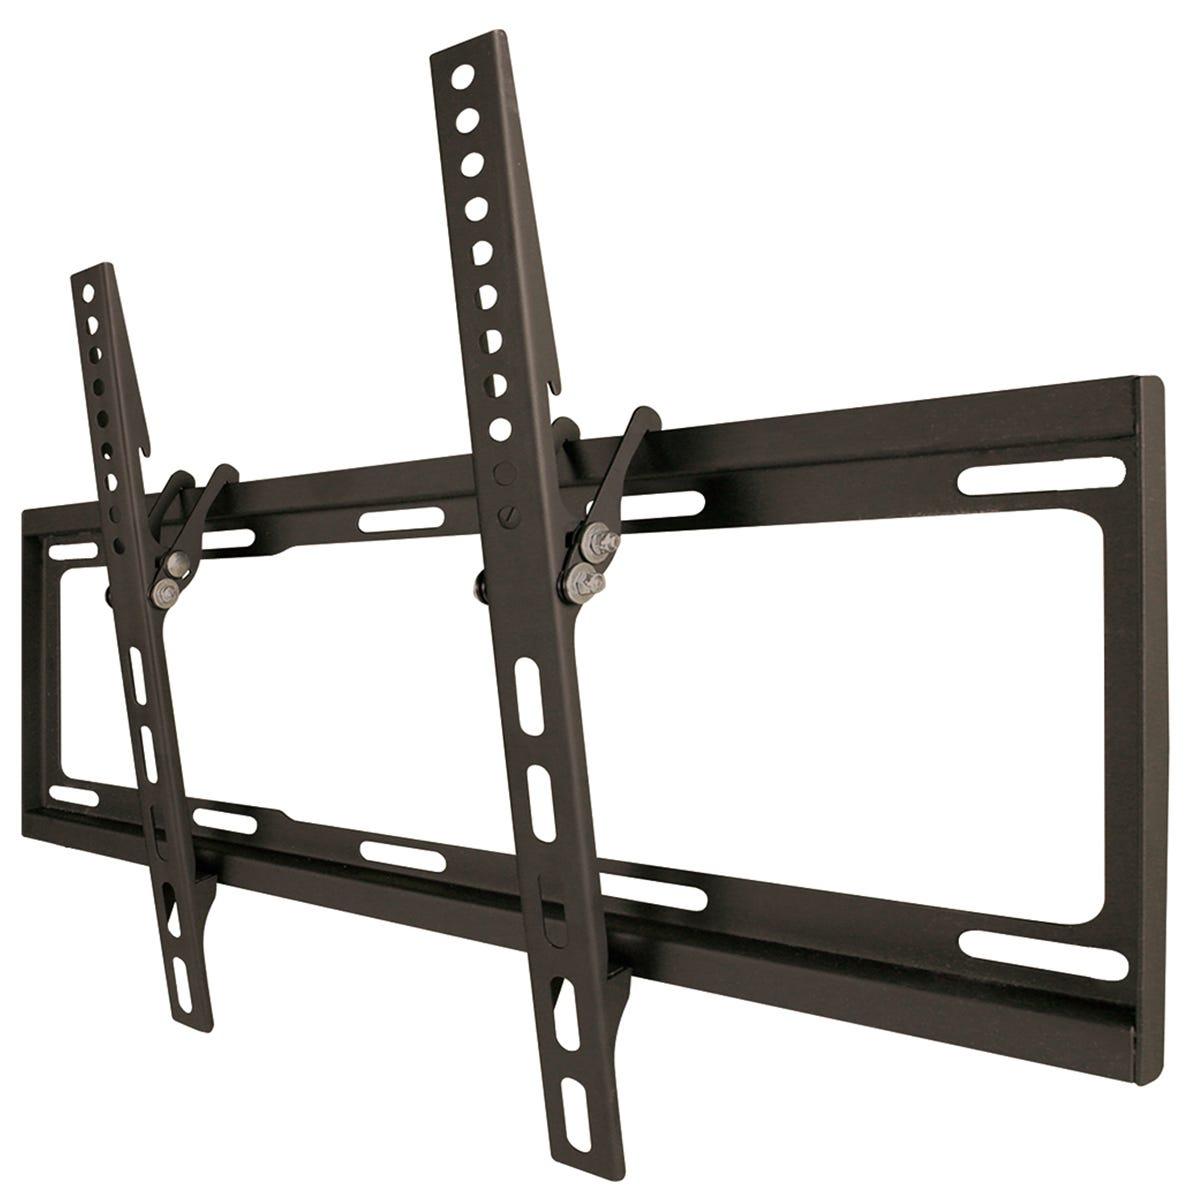 M & R One For All 32-55 inch TV Bracket Tilt Smart Series